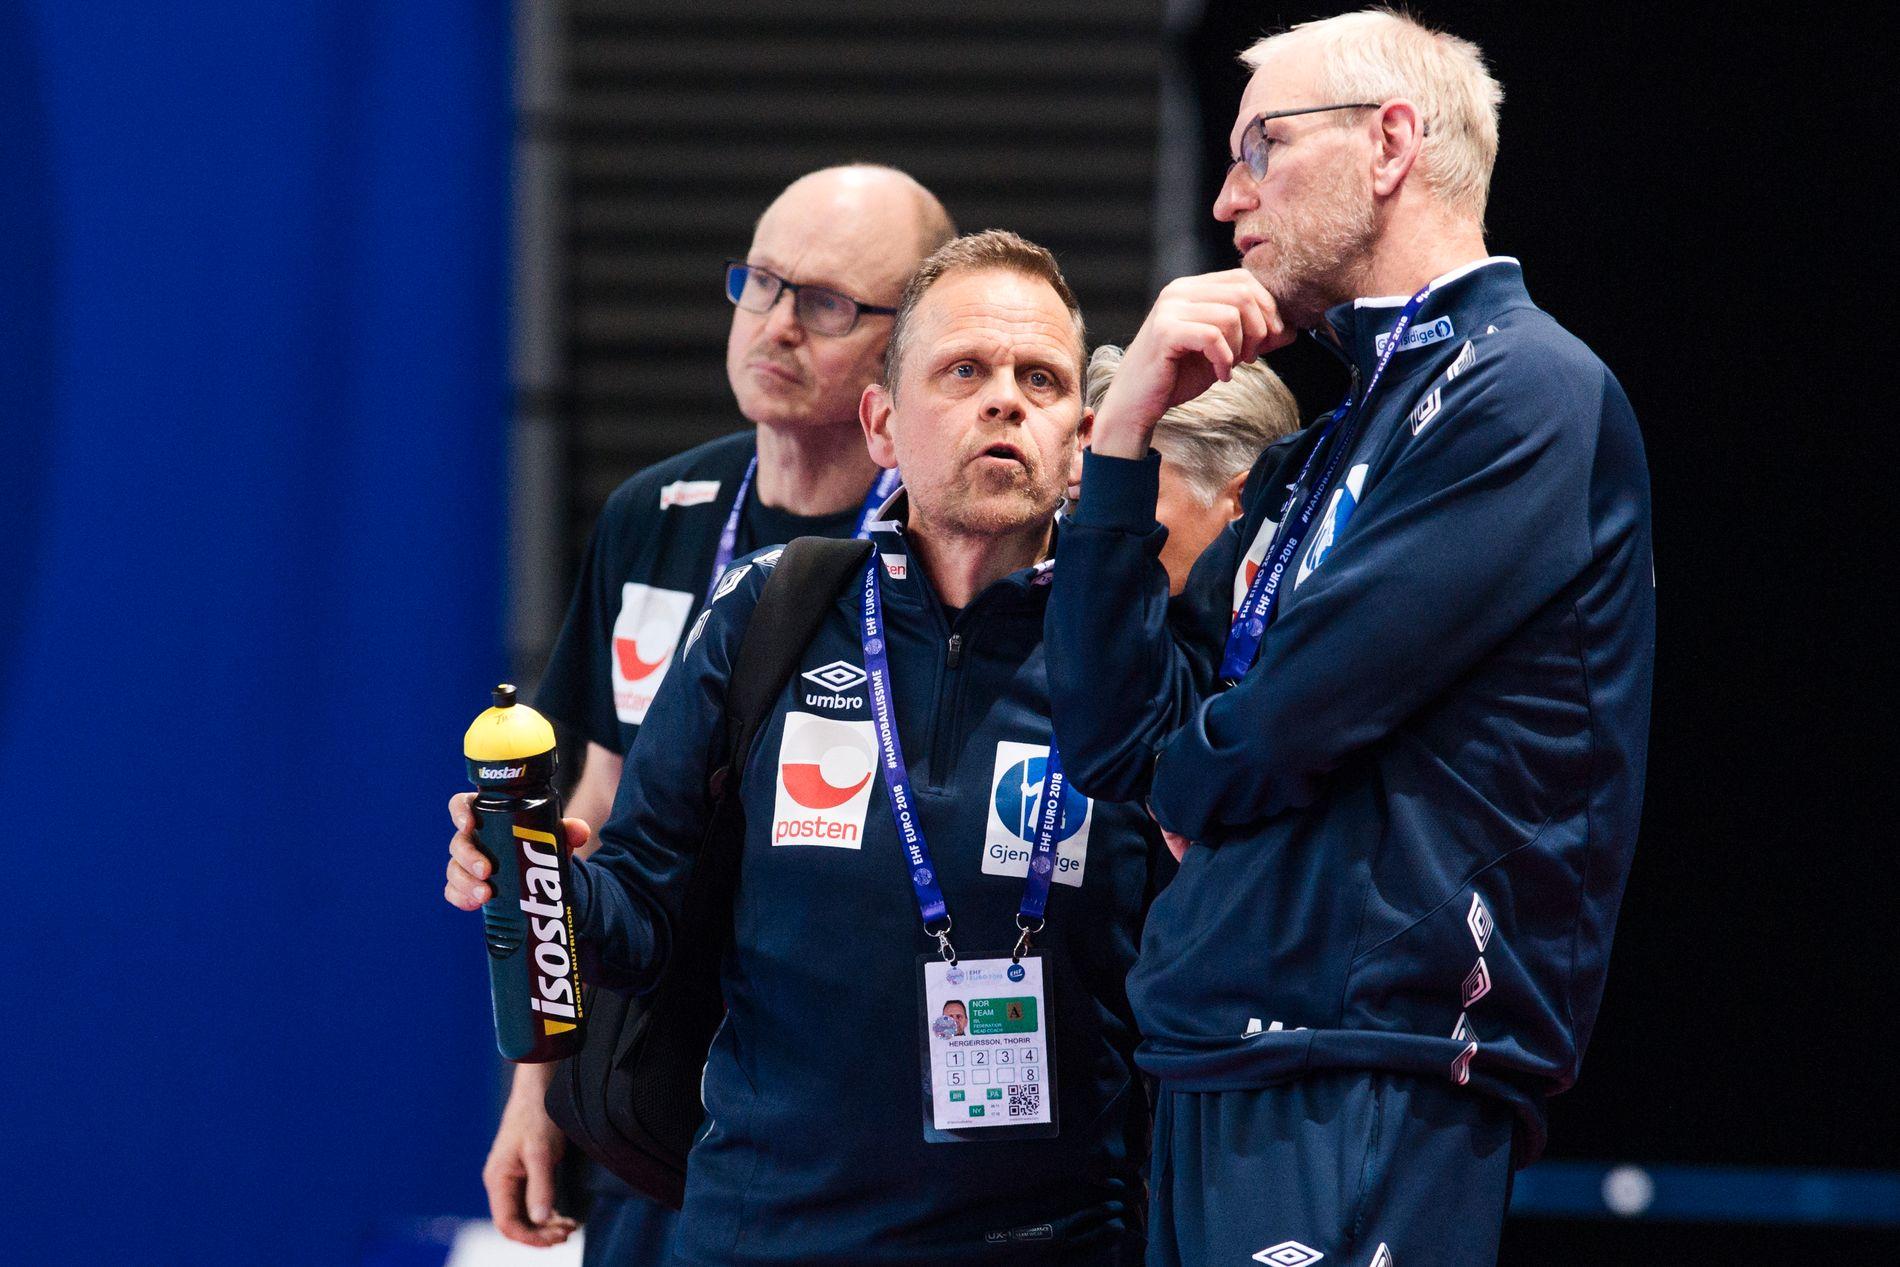 Keepertrener Mats Olsson var ikke nådig i sin dom etter kampen. Her i diskusjon med Hergeirsson under oppgjøret mot Tyskland.